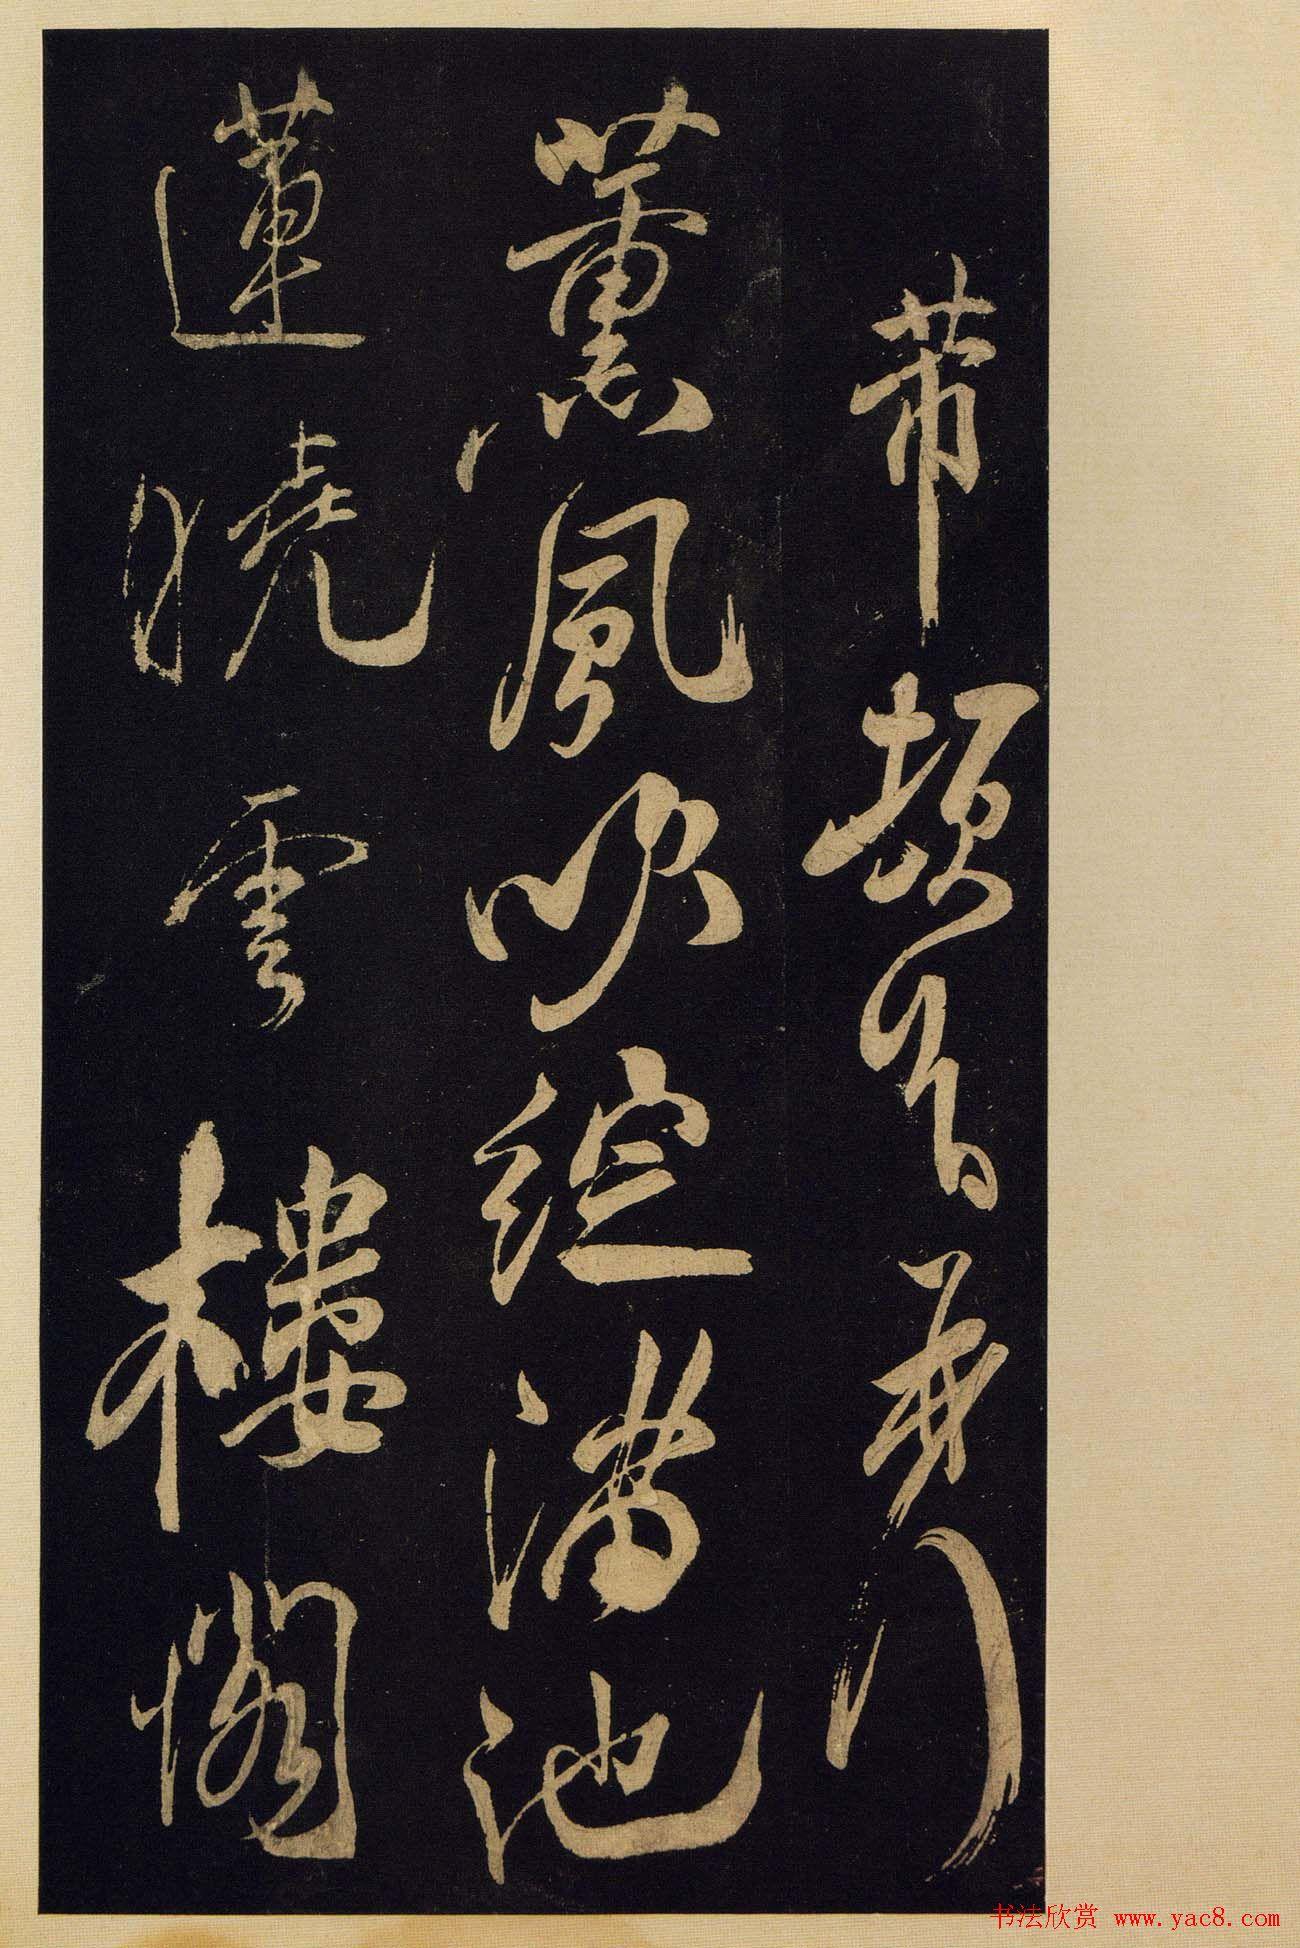 《宝晋斋法帖》卷十:米芾书法集高清大图